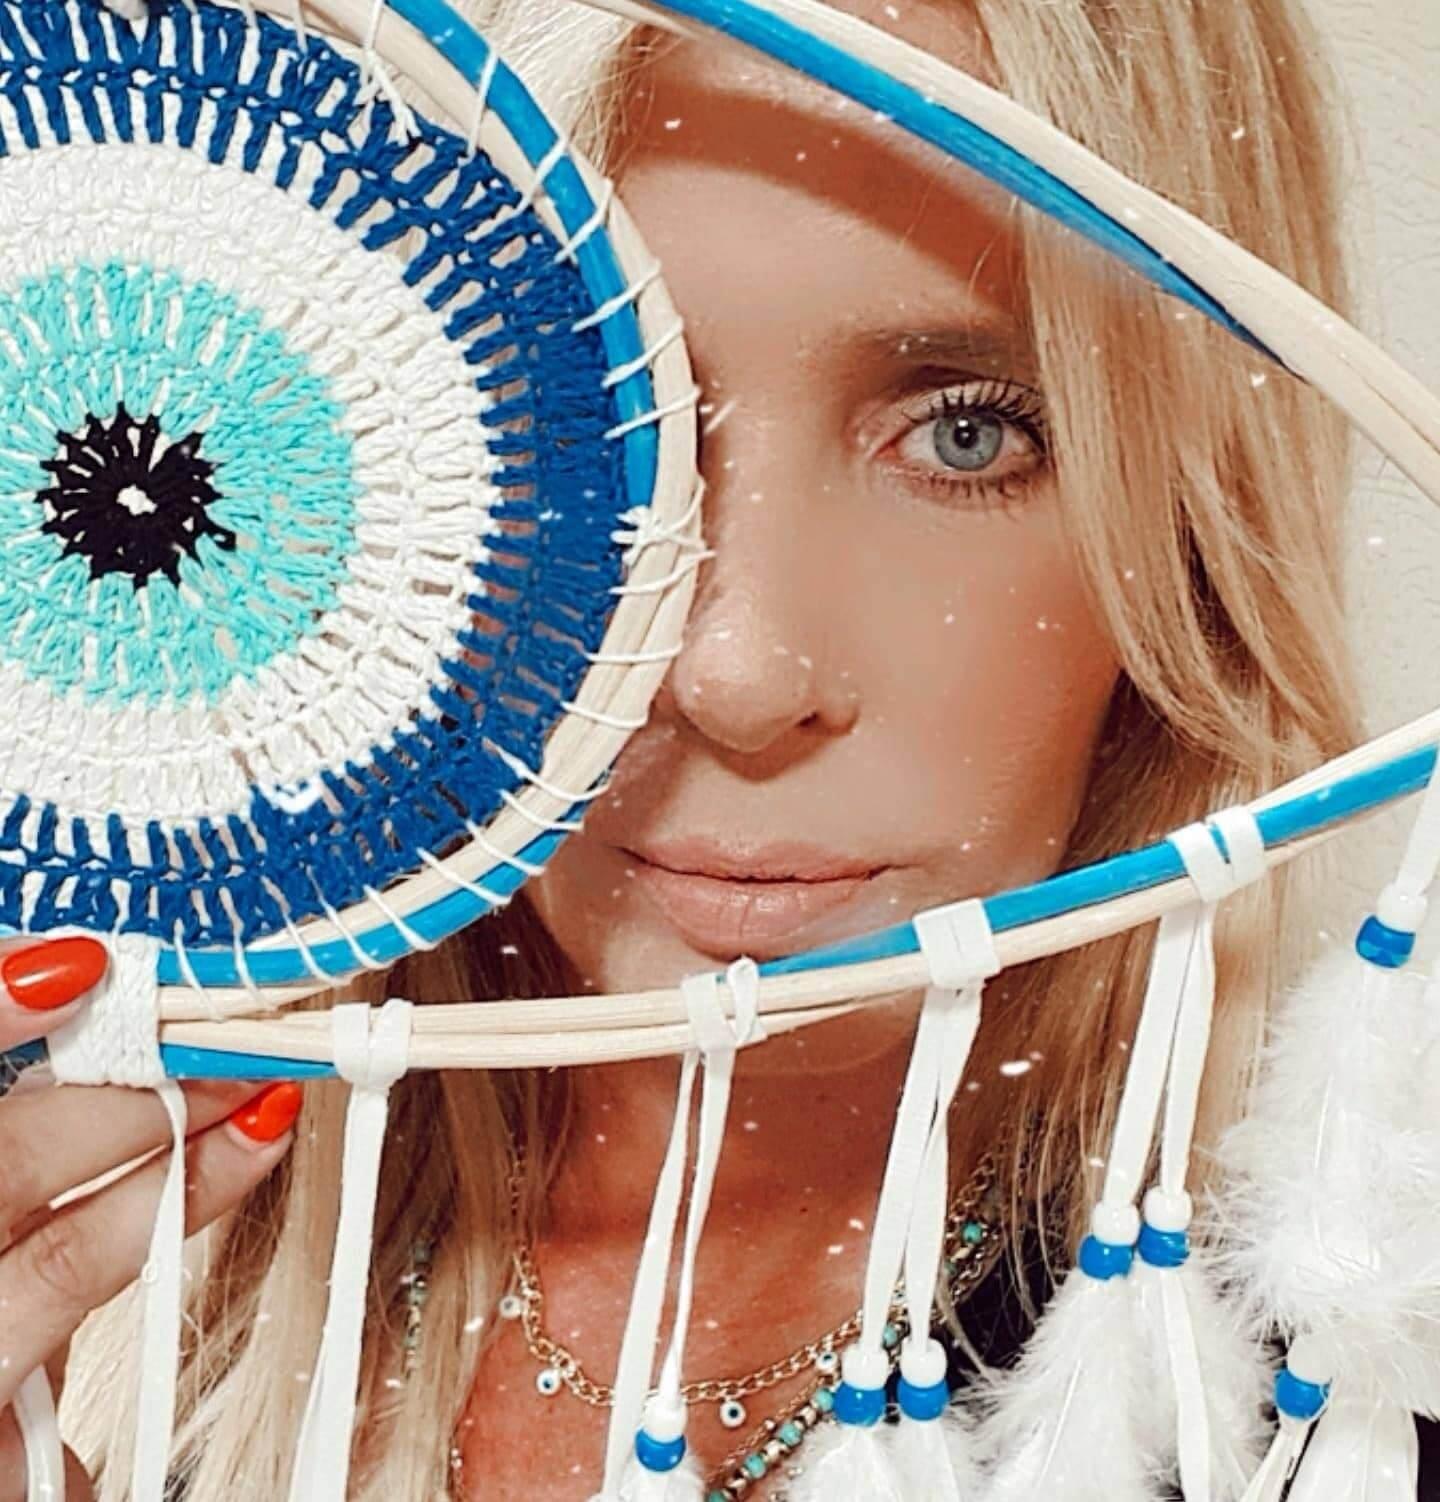 תכשיטים עם עין כחולה נגד עין הרע דידי דיזיין הסטודיו של לימור לרבוני-גילעדי